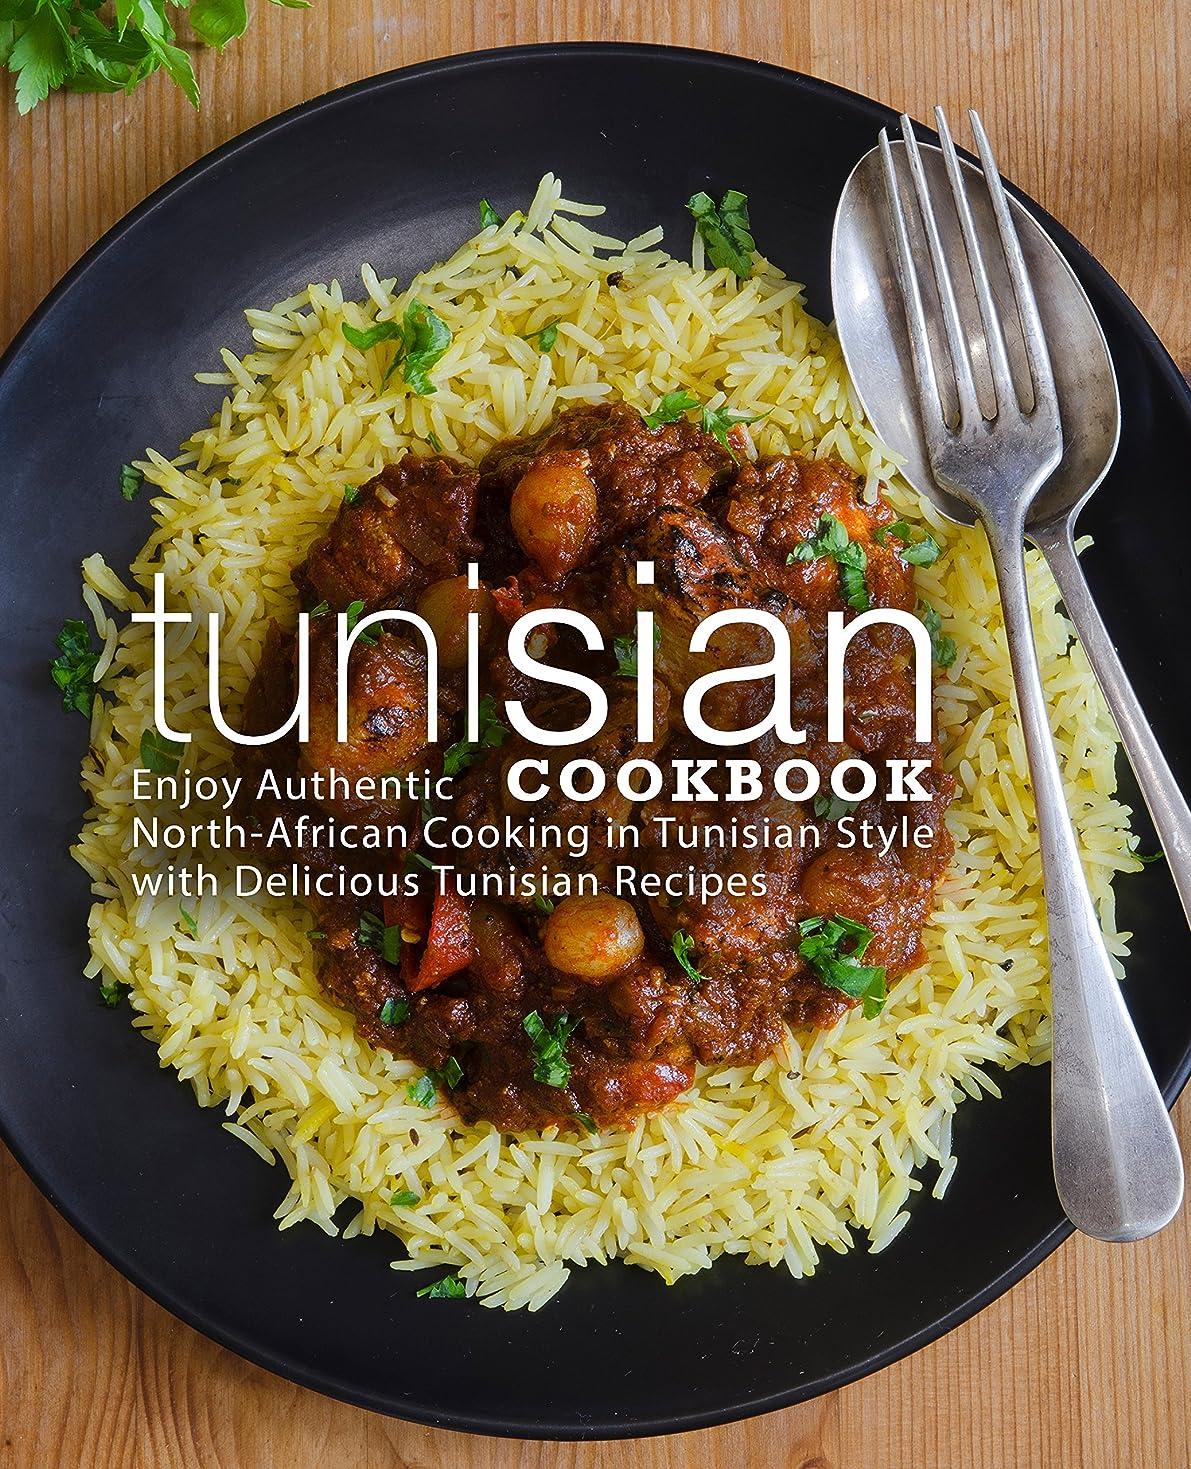 禁止小麦動機付けるTunisian Cookbook: Enjoy Authentic North-African Cooking in Tunisian Style with Delicious Tunisian Recipes (2nd Edition) (English Edition)